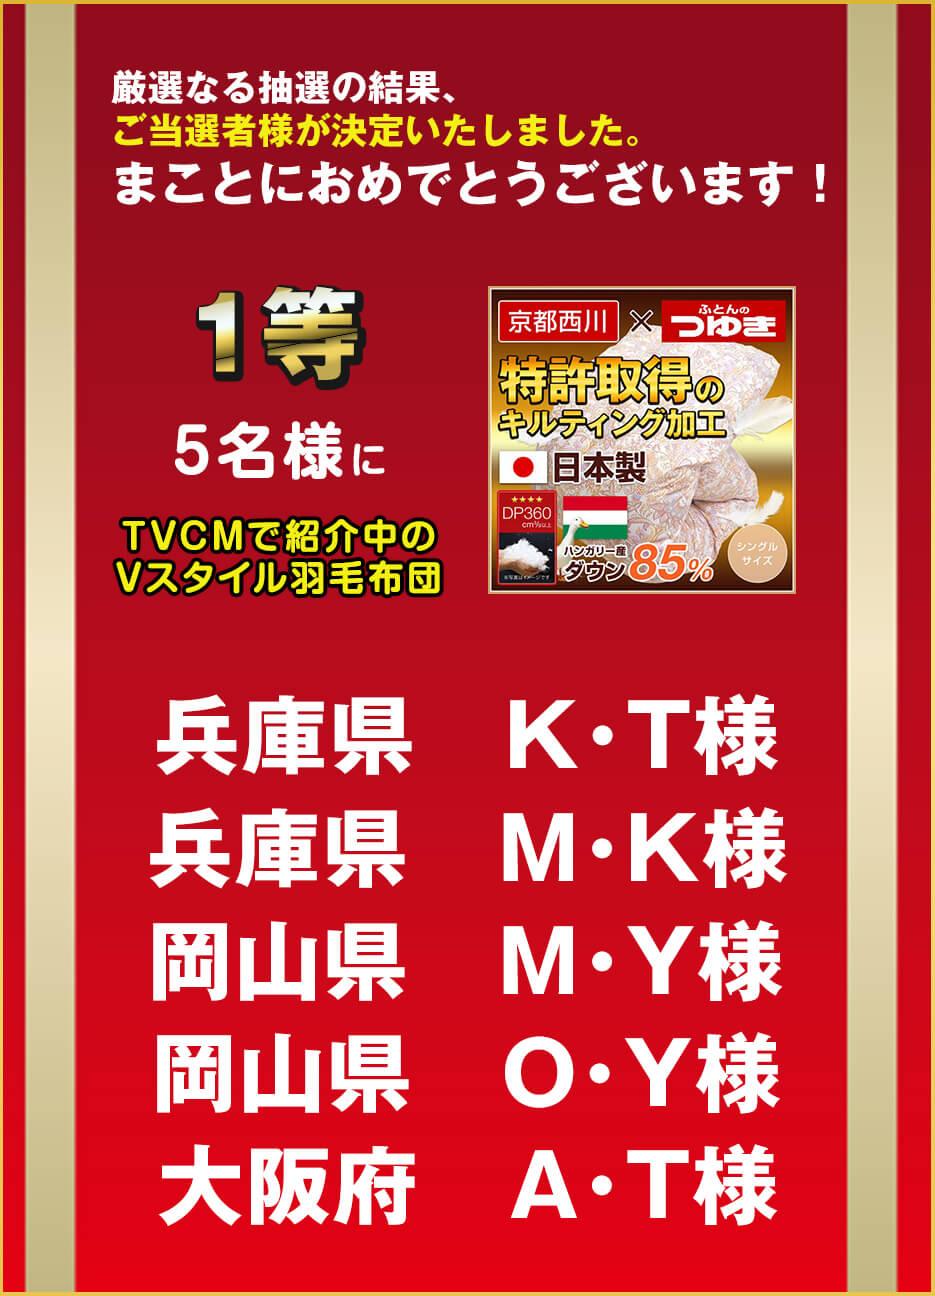 1等:5名様にTVCMで紹介中の商品「京都西川Vスタイルキルト羽毛布団」